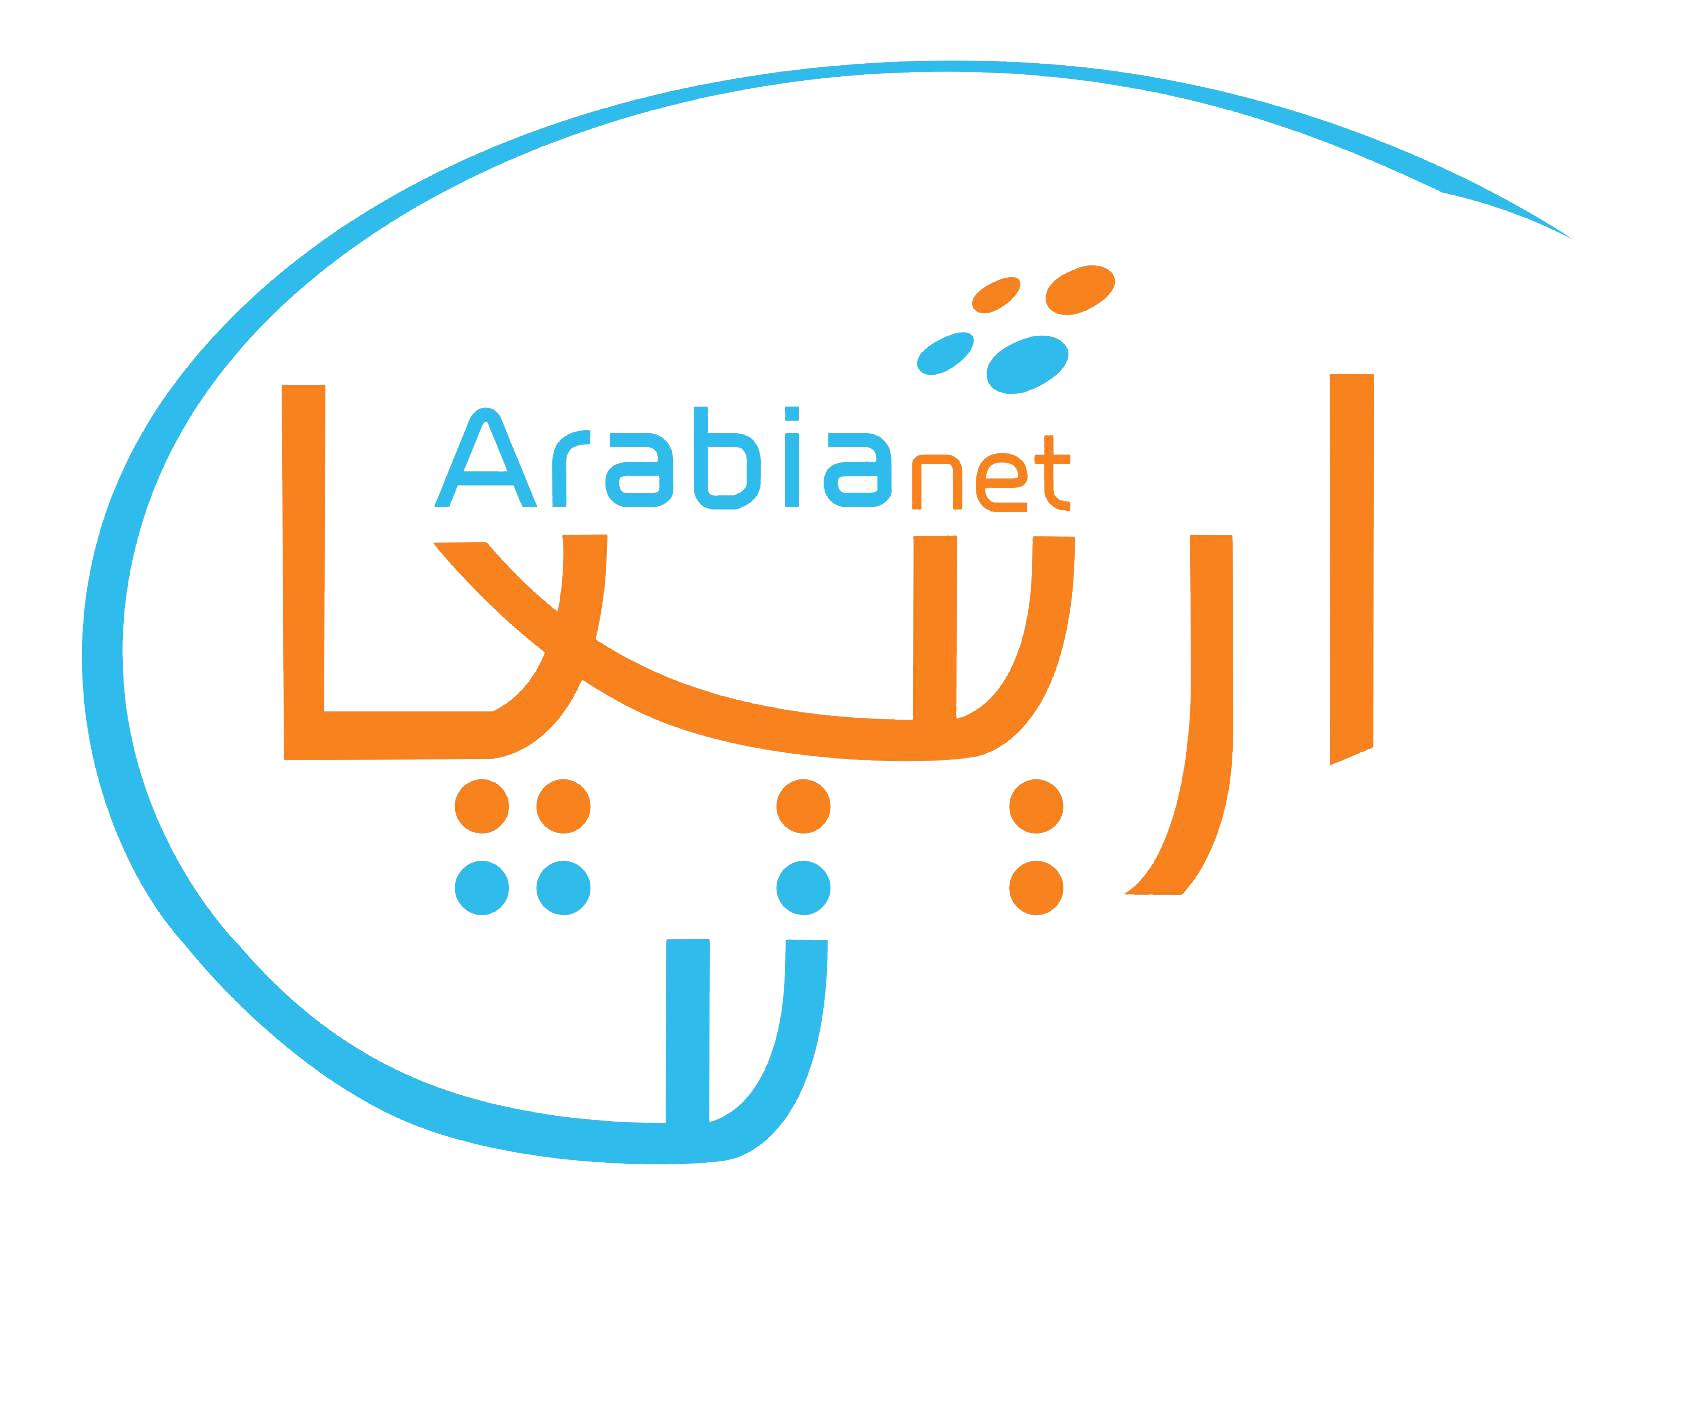 arabia net